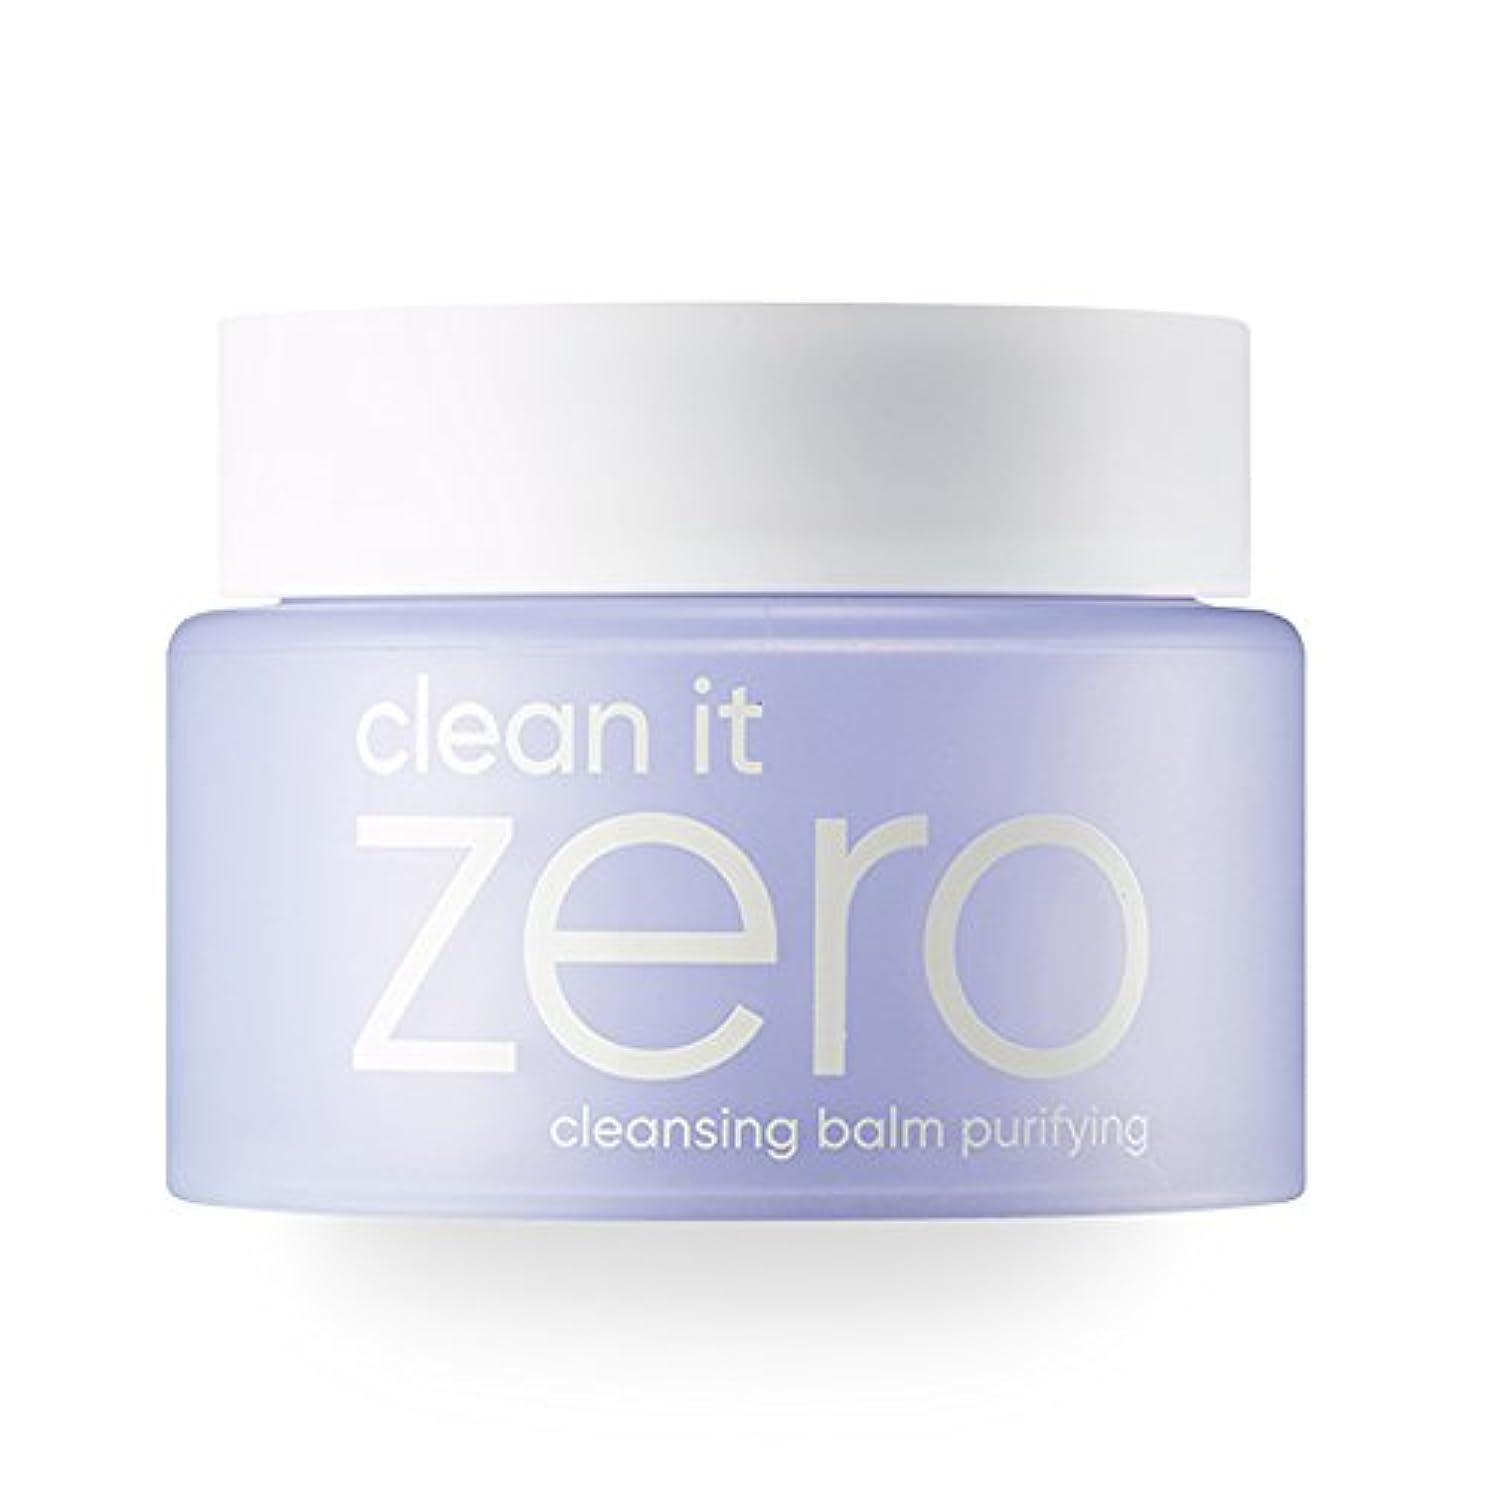 意識対人完了BANILA CO(バニラコ) クリーン イット ゼロ クレンジング バーム ピュリファイング Clean It Zero Purifying